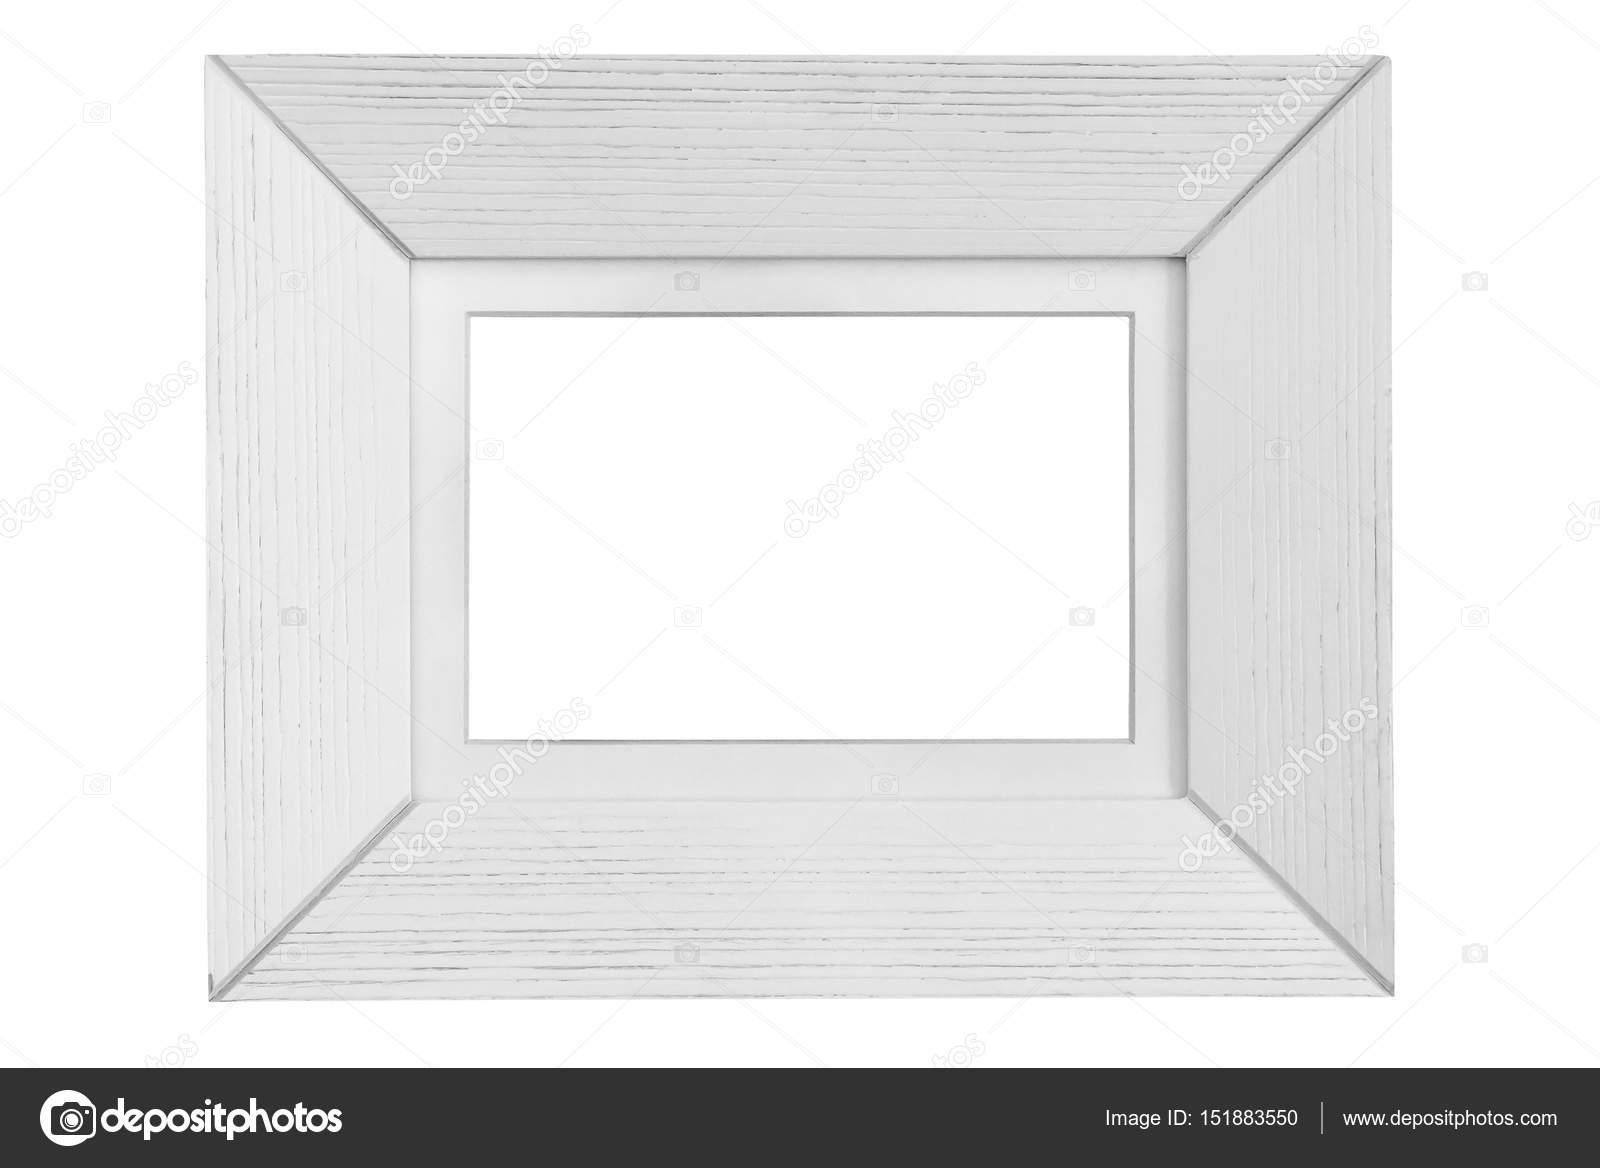 Witte Houten Fotolijst.Witte Houten Fotolijst Stockfoto C Mkos83 151883550